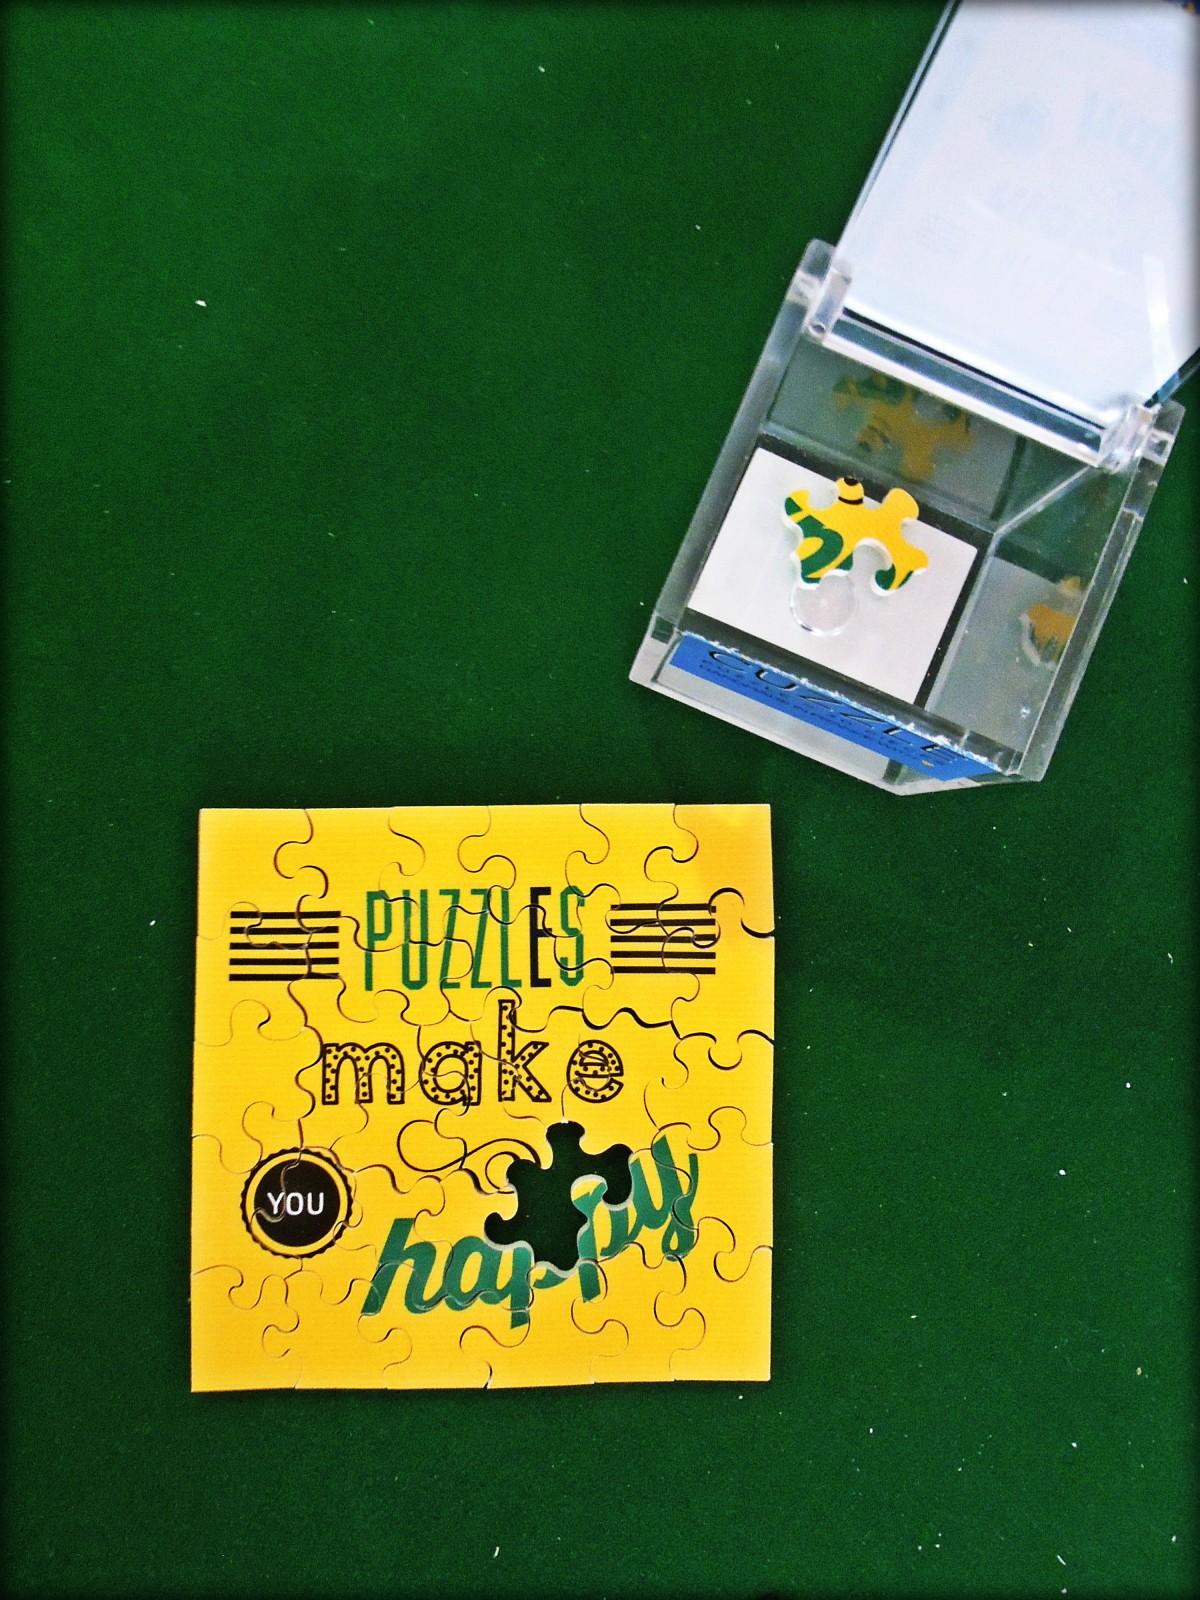 happy-puzzle